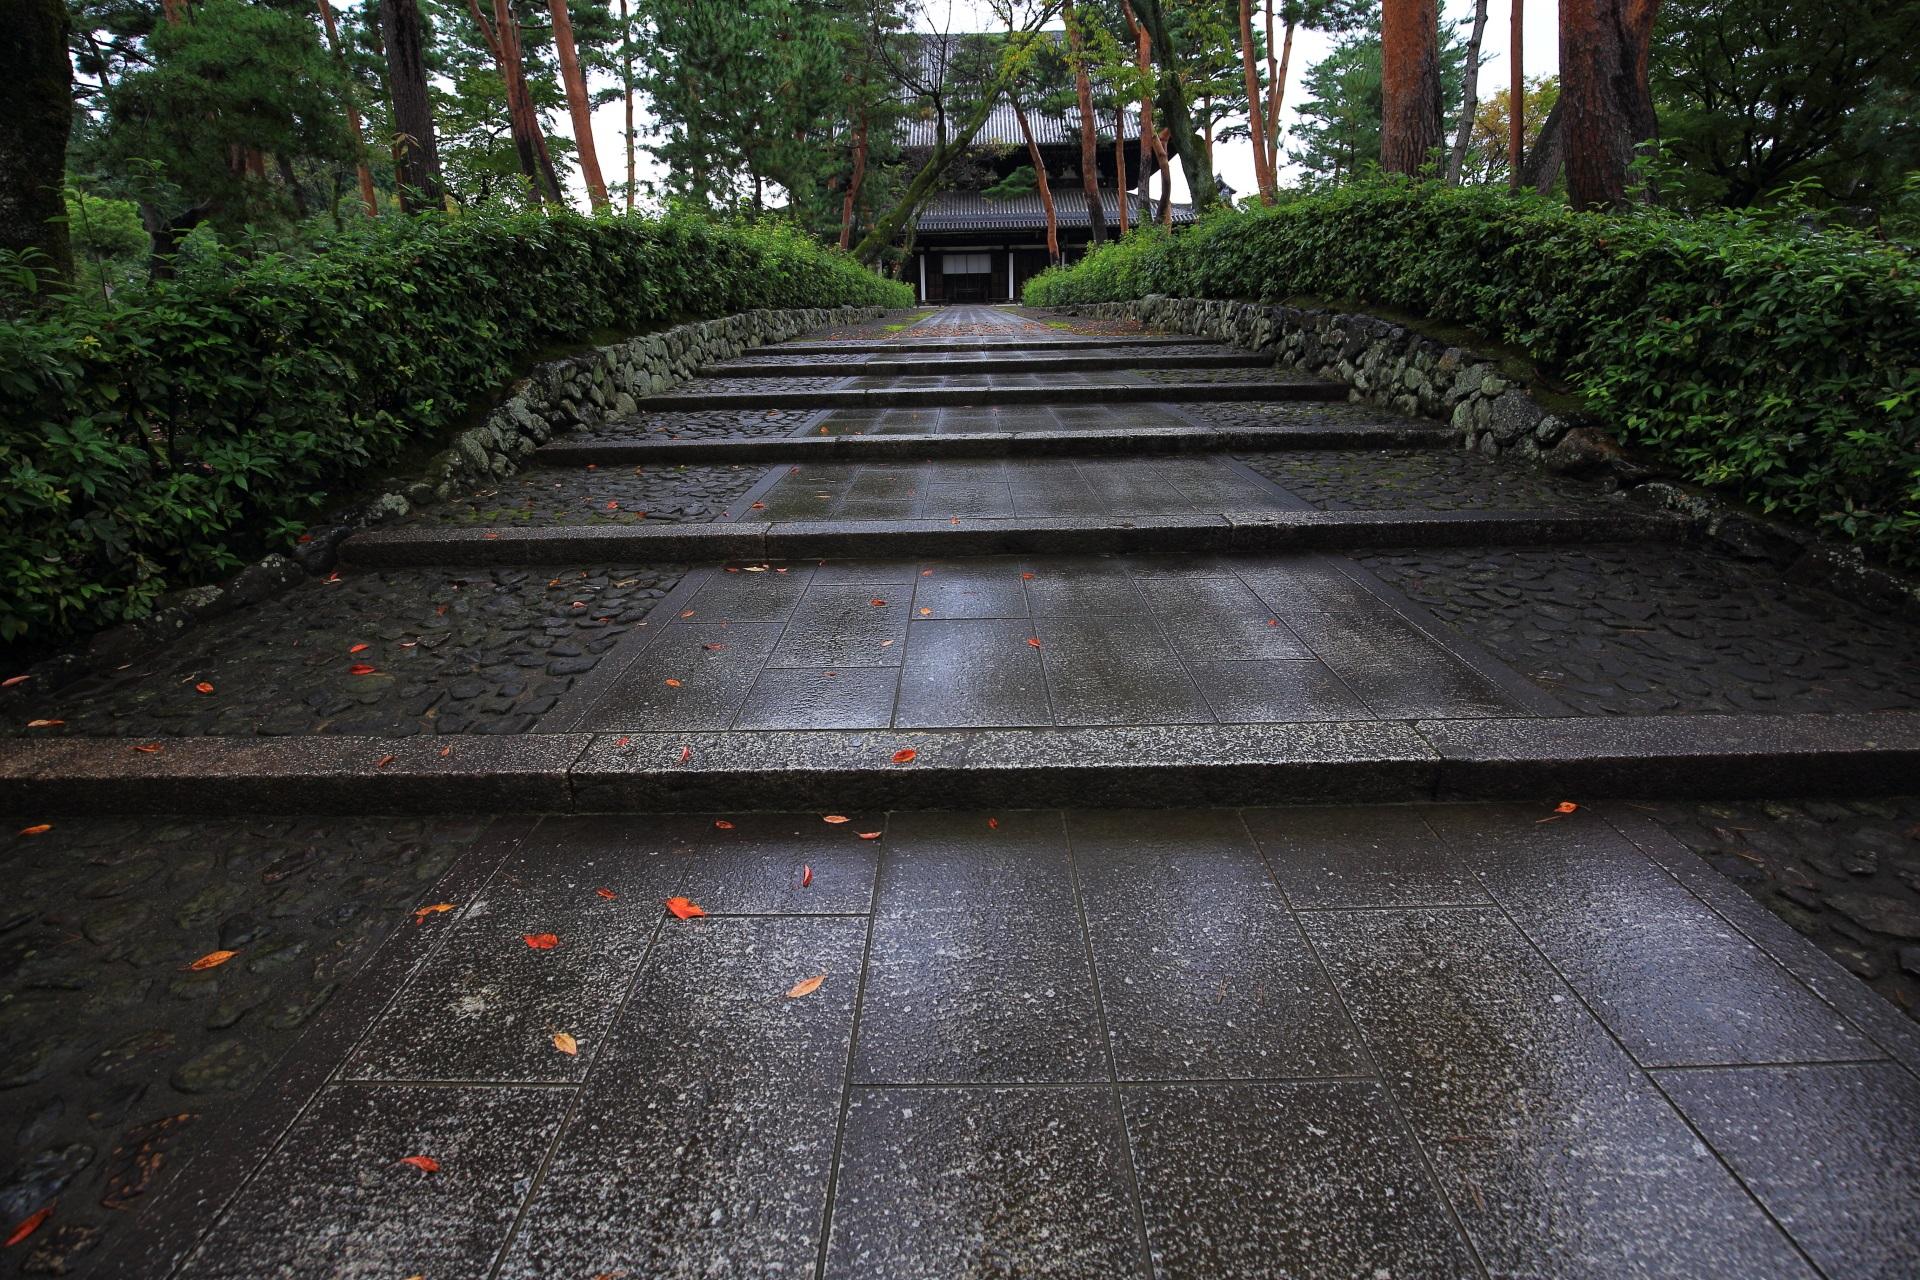 相国寺の法堂と雨に濡れた石畳